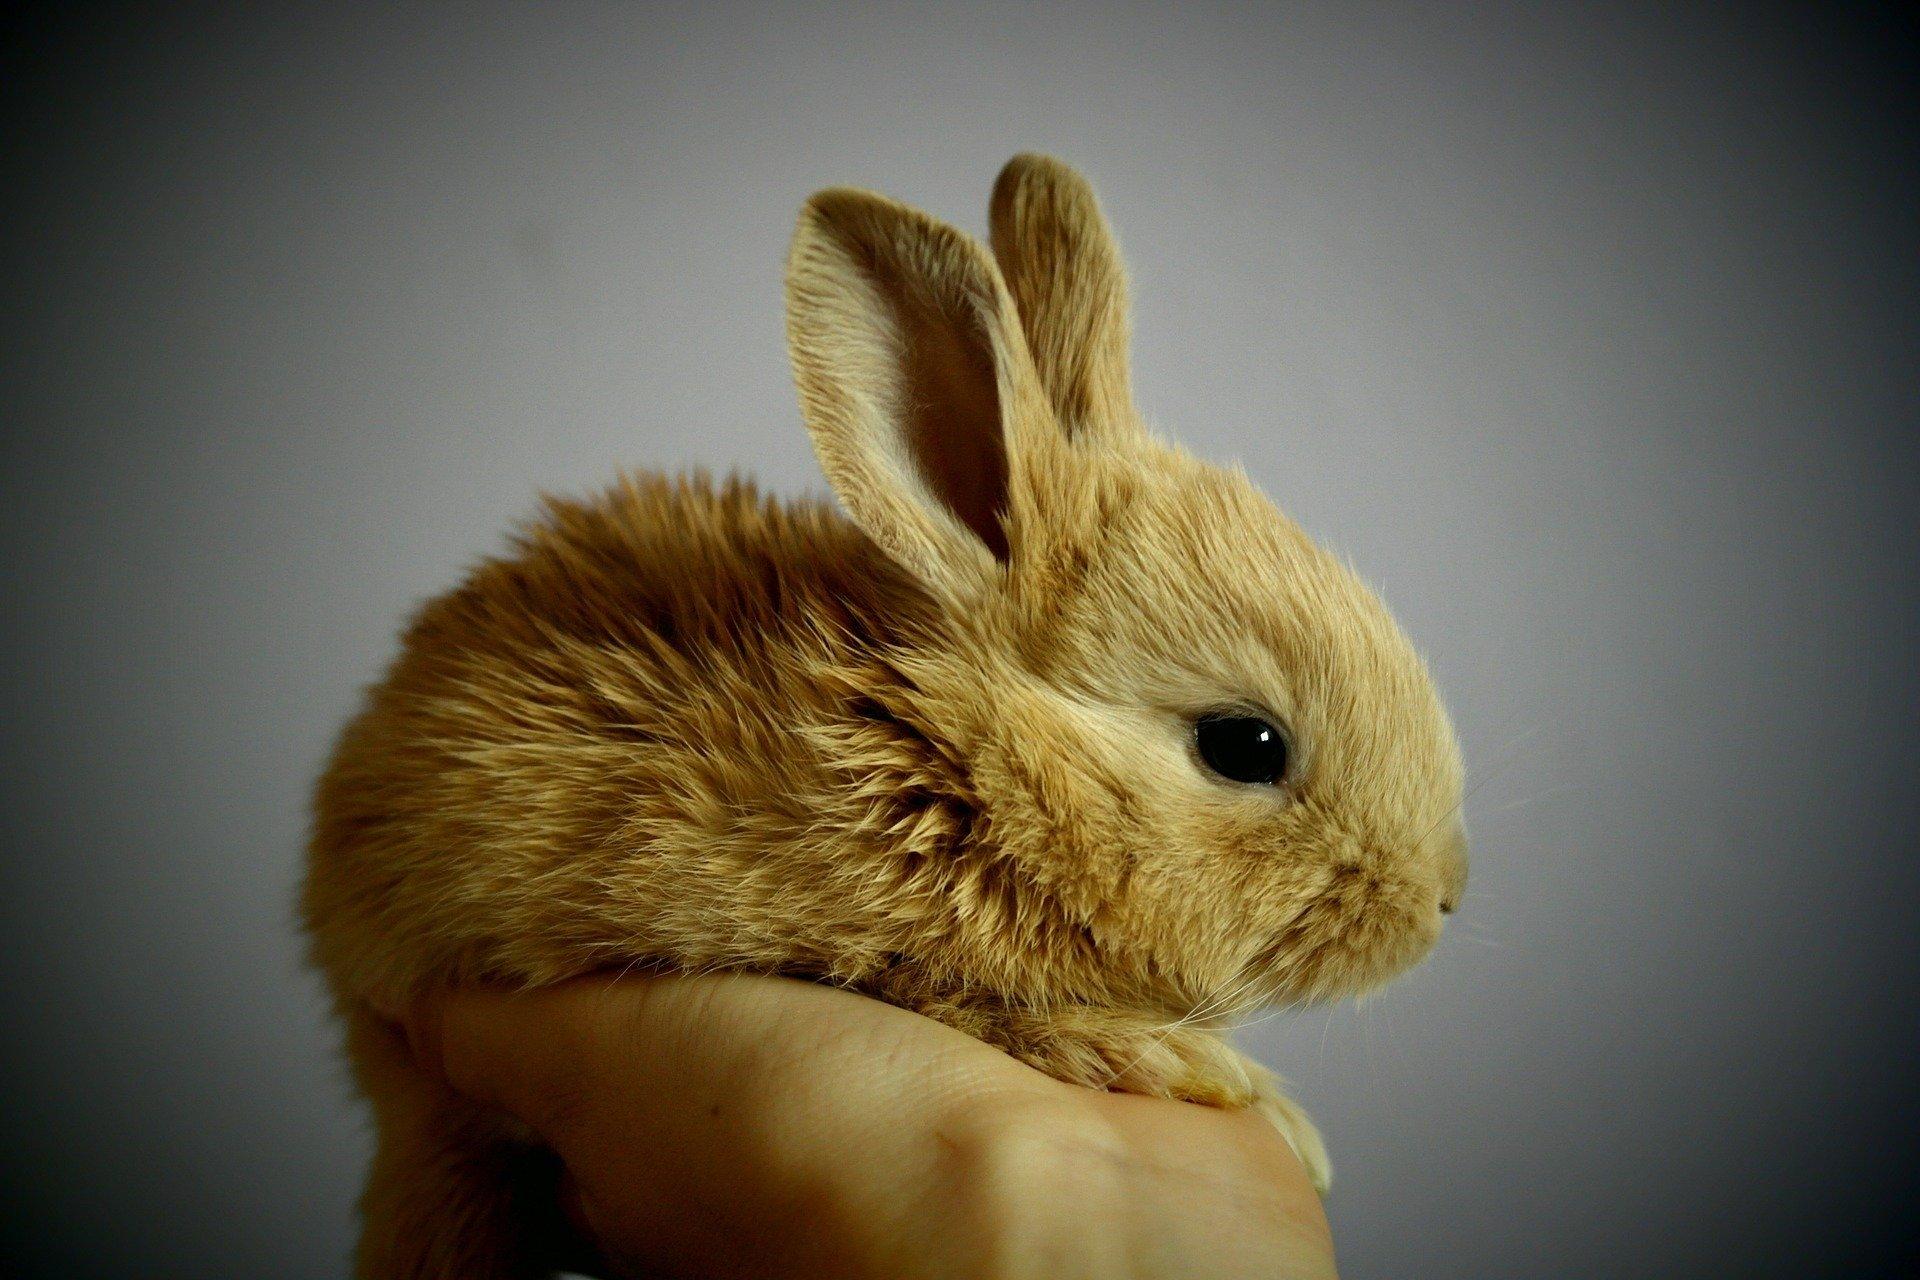 obrazkowe quizy dla małych dzieci zwierzęta